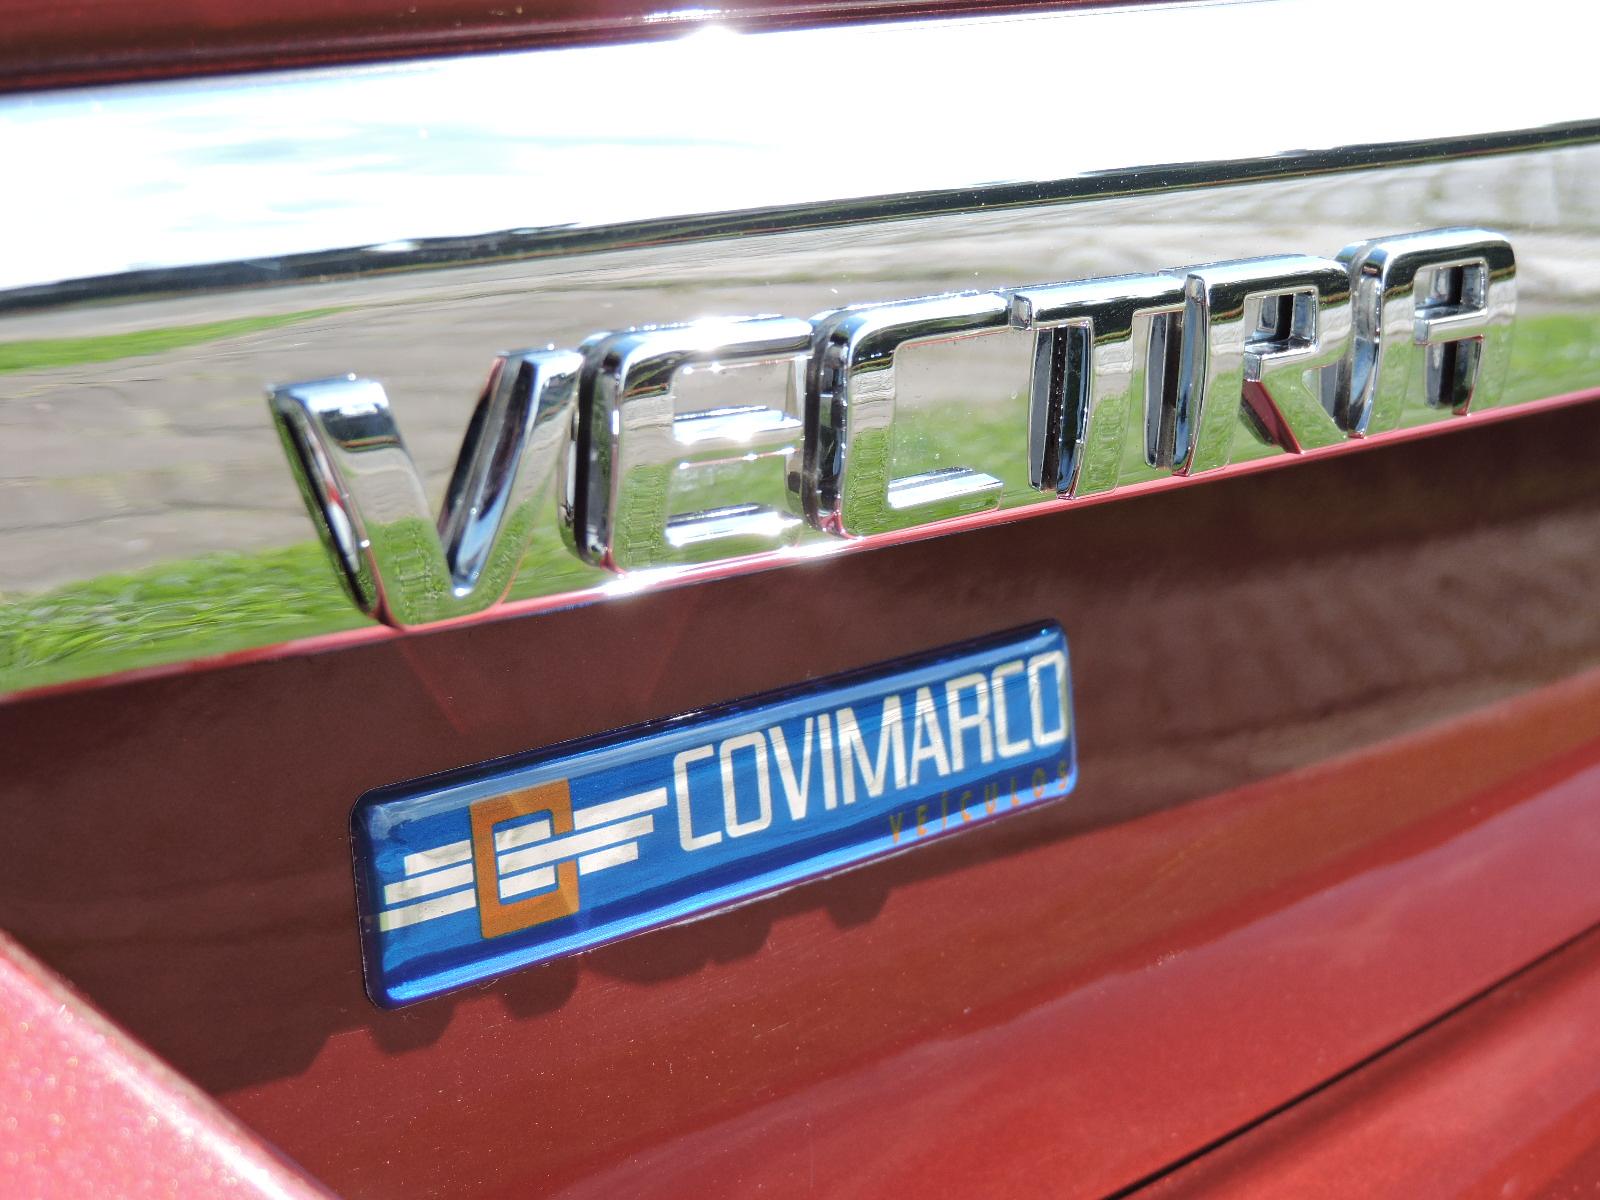 vectra-gt-bordo-041